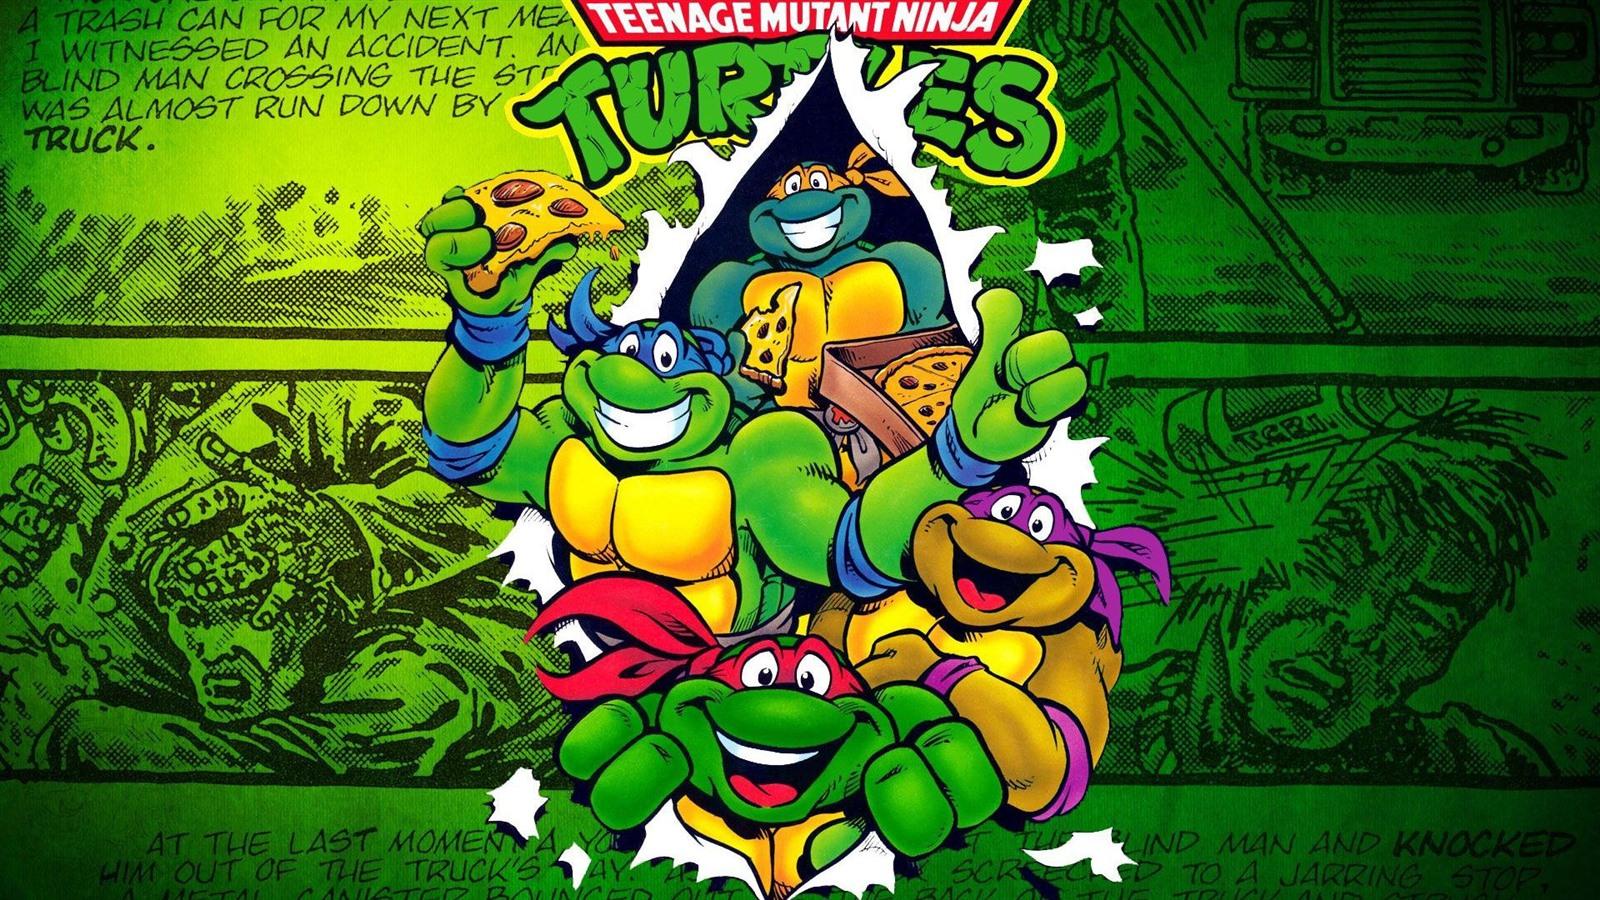 Tmnt 1920x1080 full hd 2k - Ninja turtles wallpaper ...